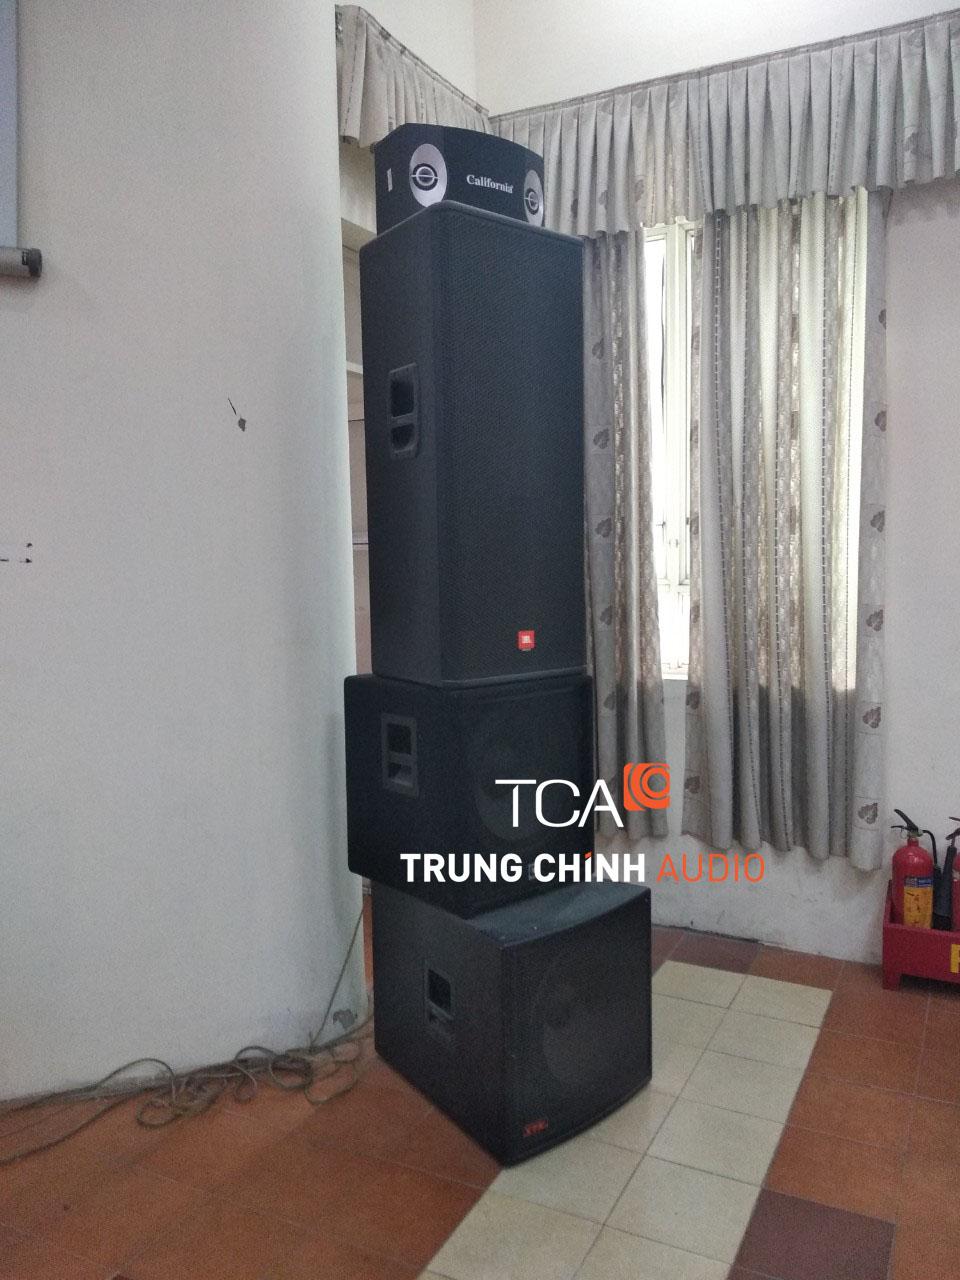 he-thong-am-thanh-hoi-truong-tai-truong-dh-lao-dong-va-xa-hoi-6